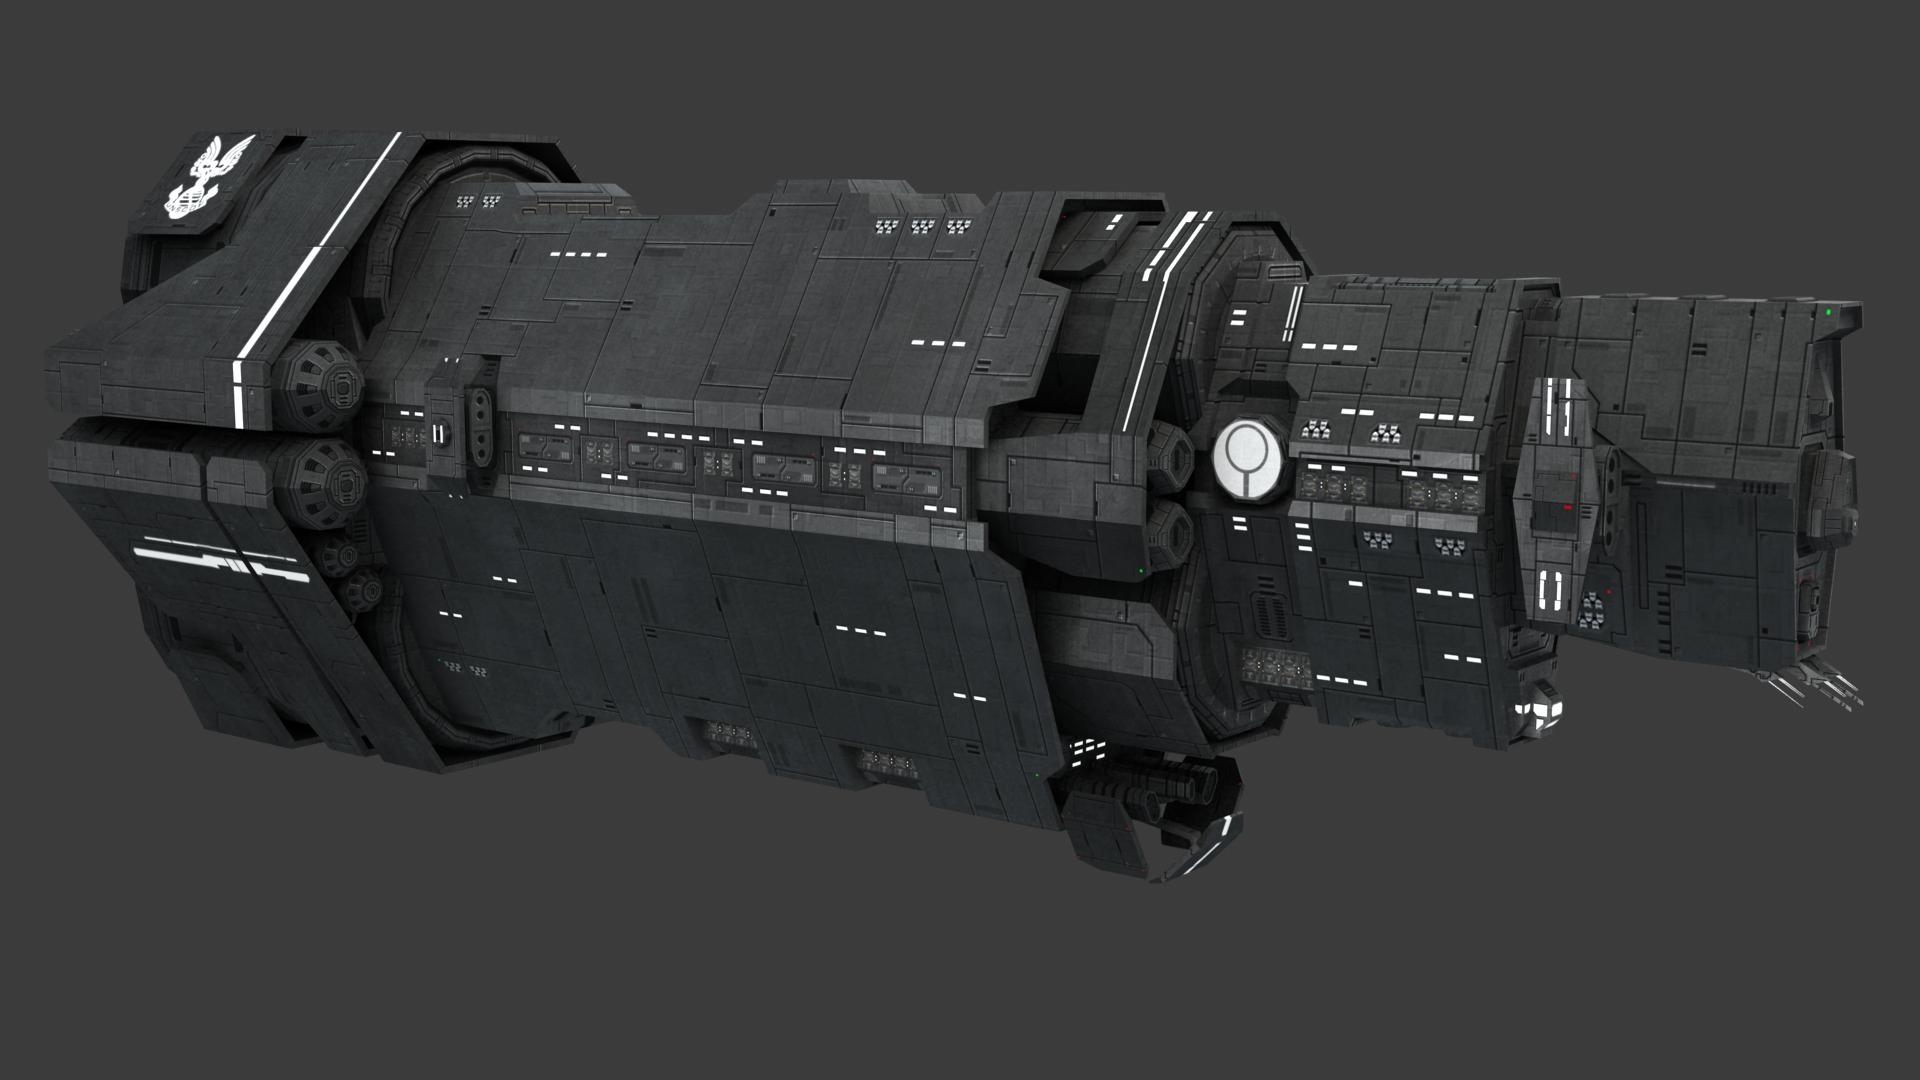 Halcyon-class light cruiser